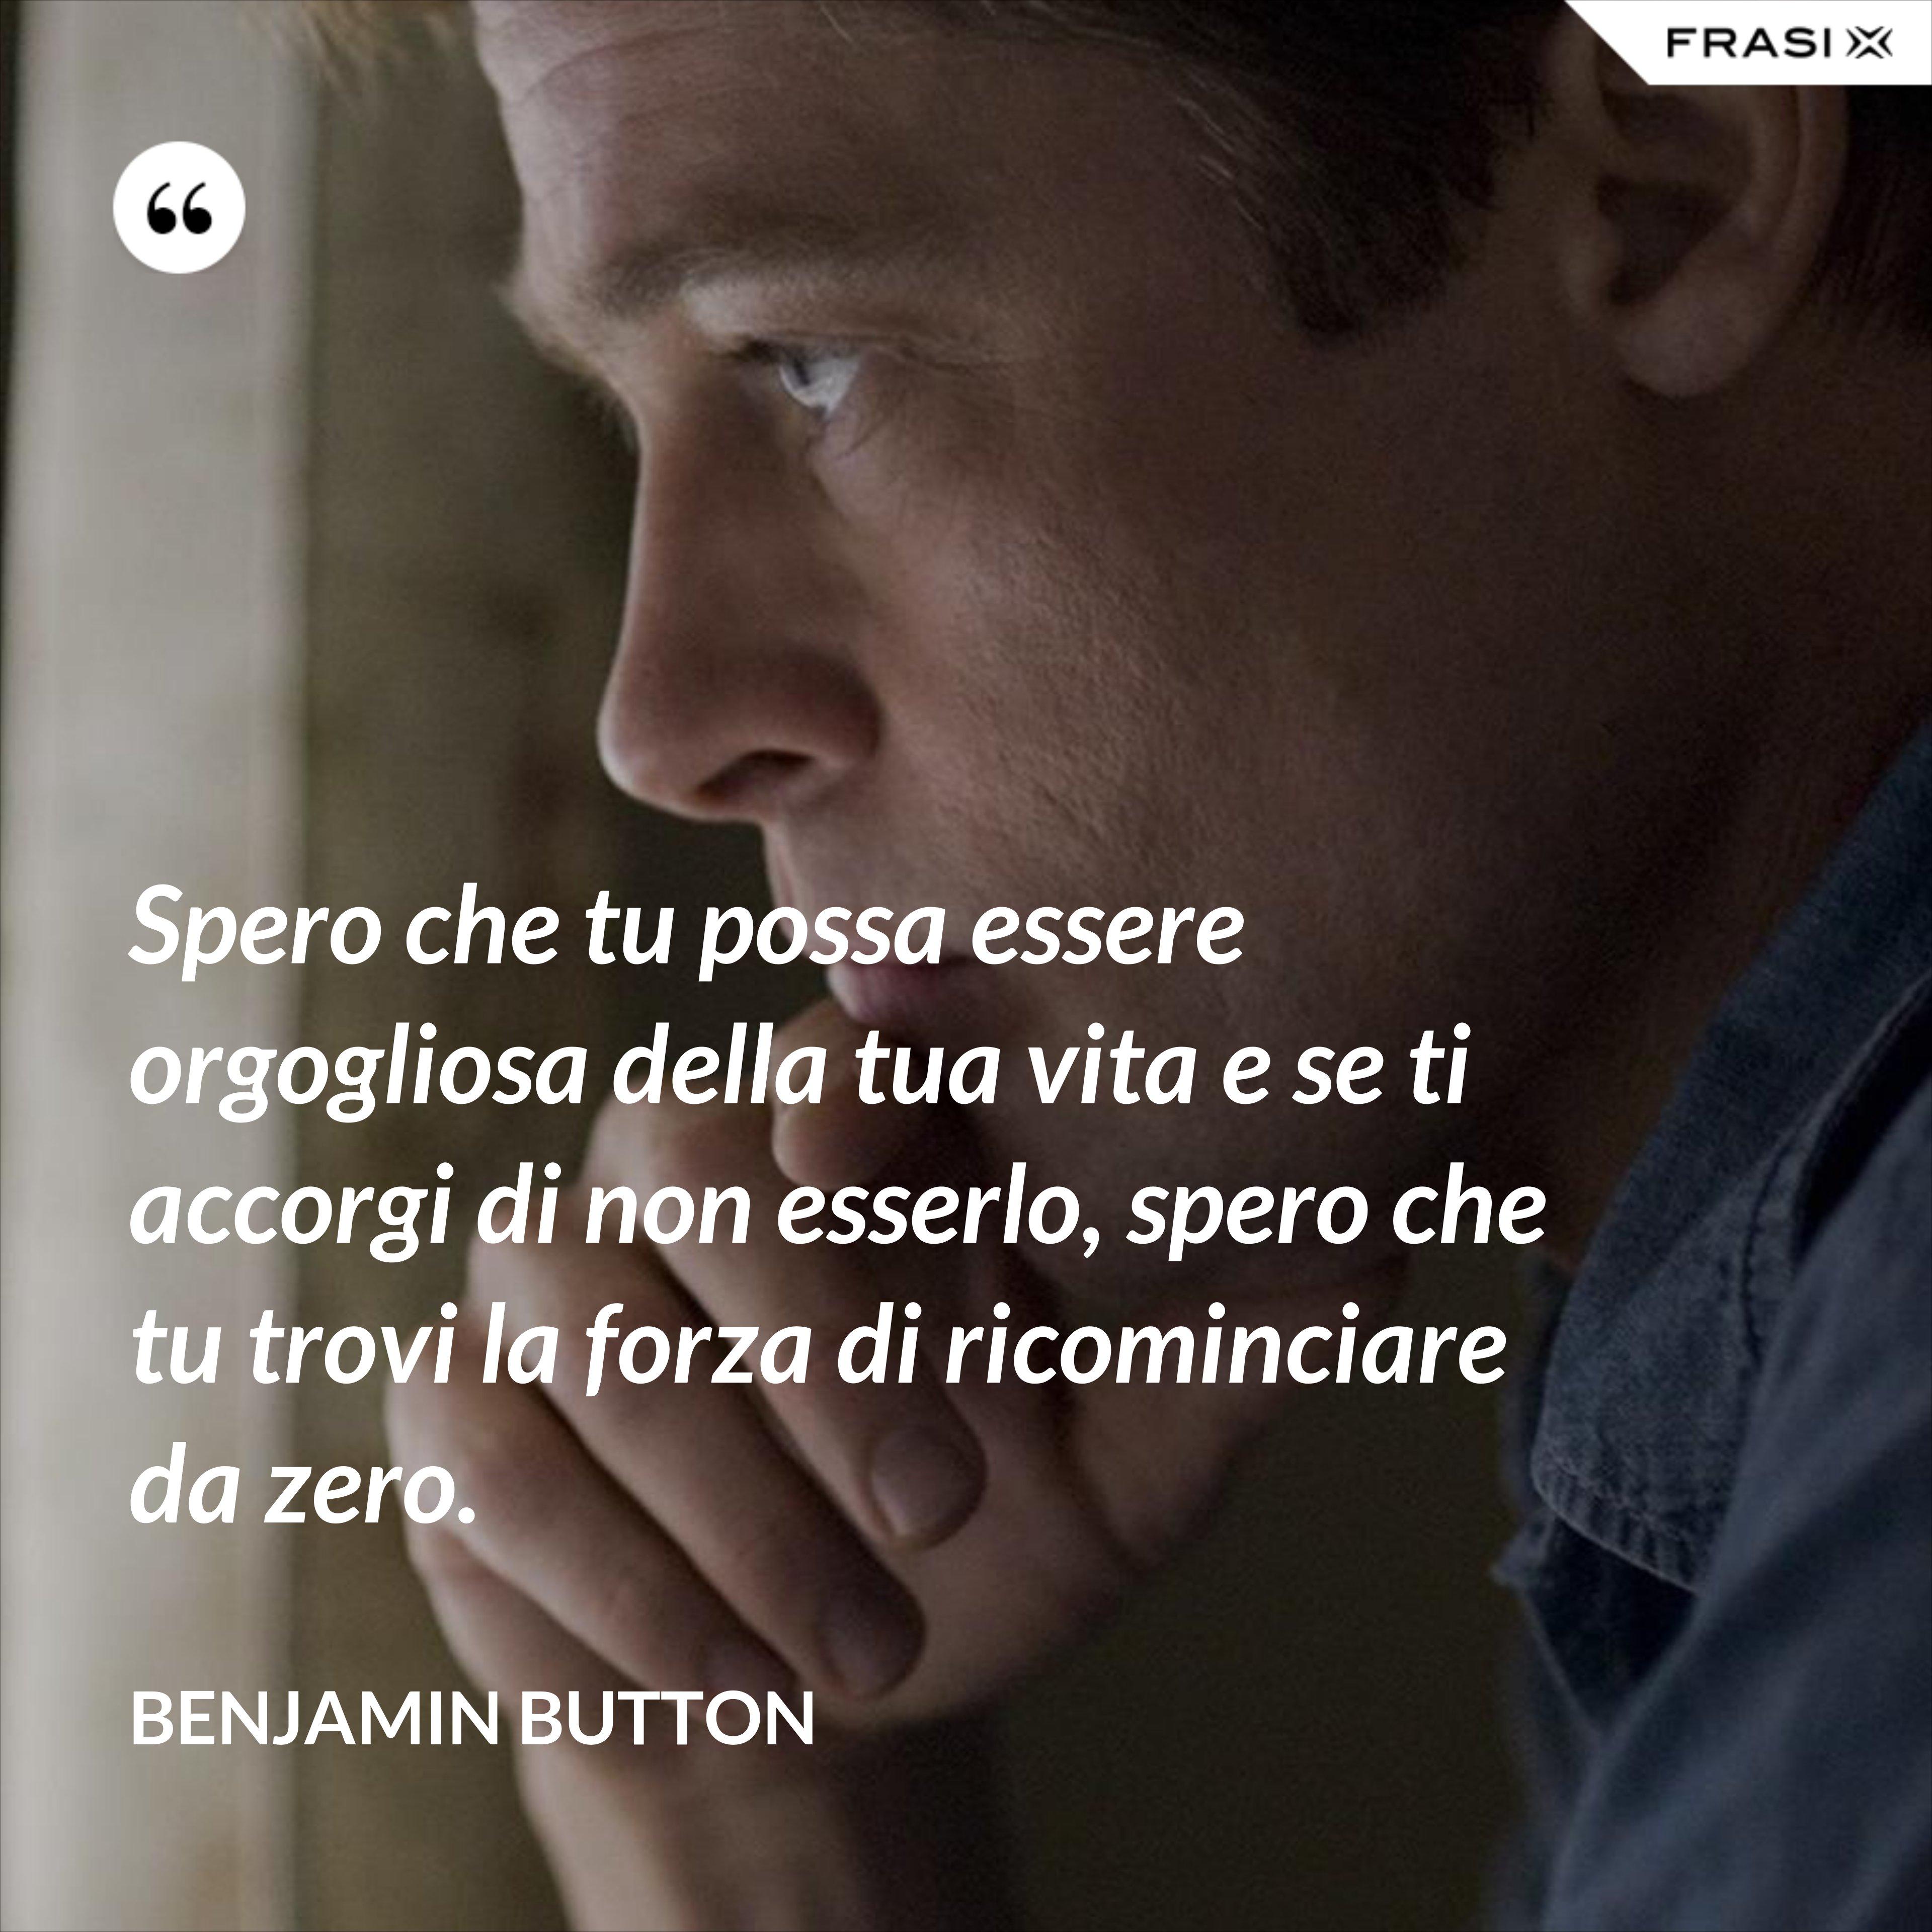 Spero che tu possa essere orgogliosa della tua vita e se ti accorgi di non esserlo, spero che tu trovi la forza di ricominciare da zero. - Benjamin Button